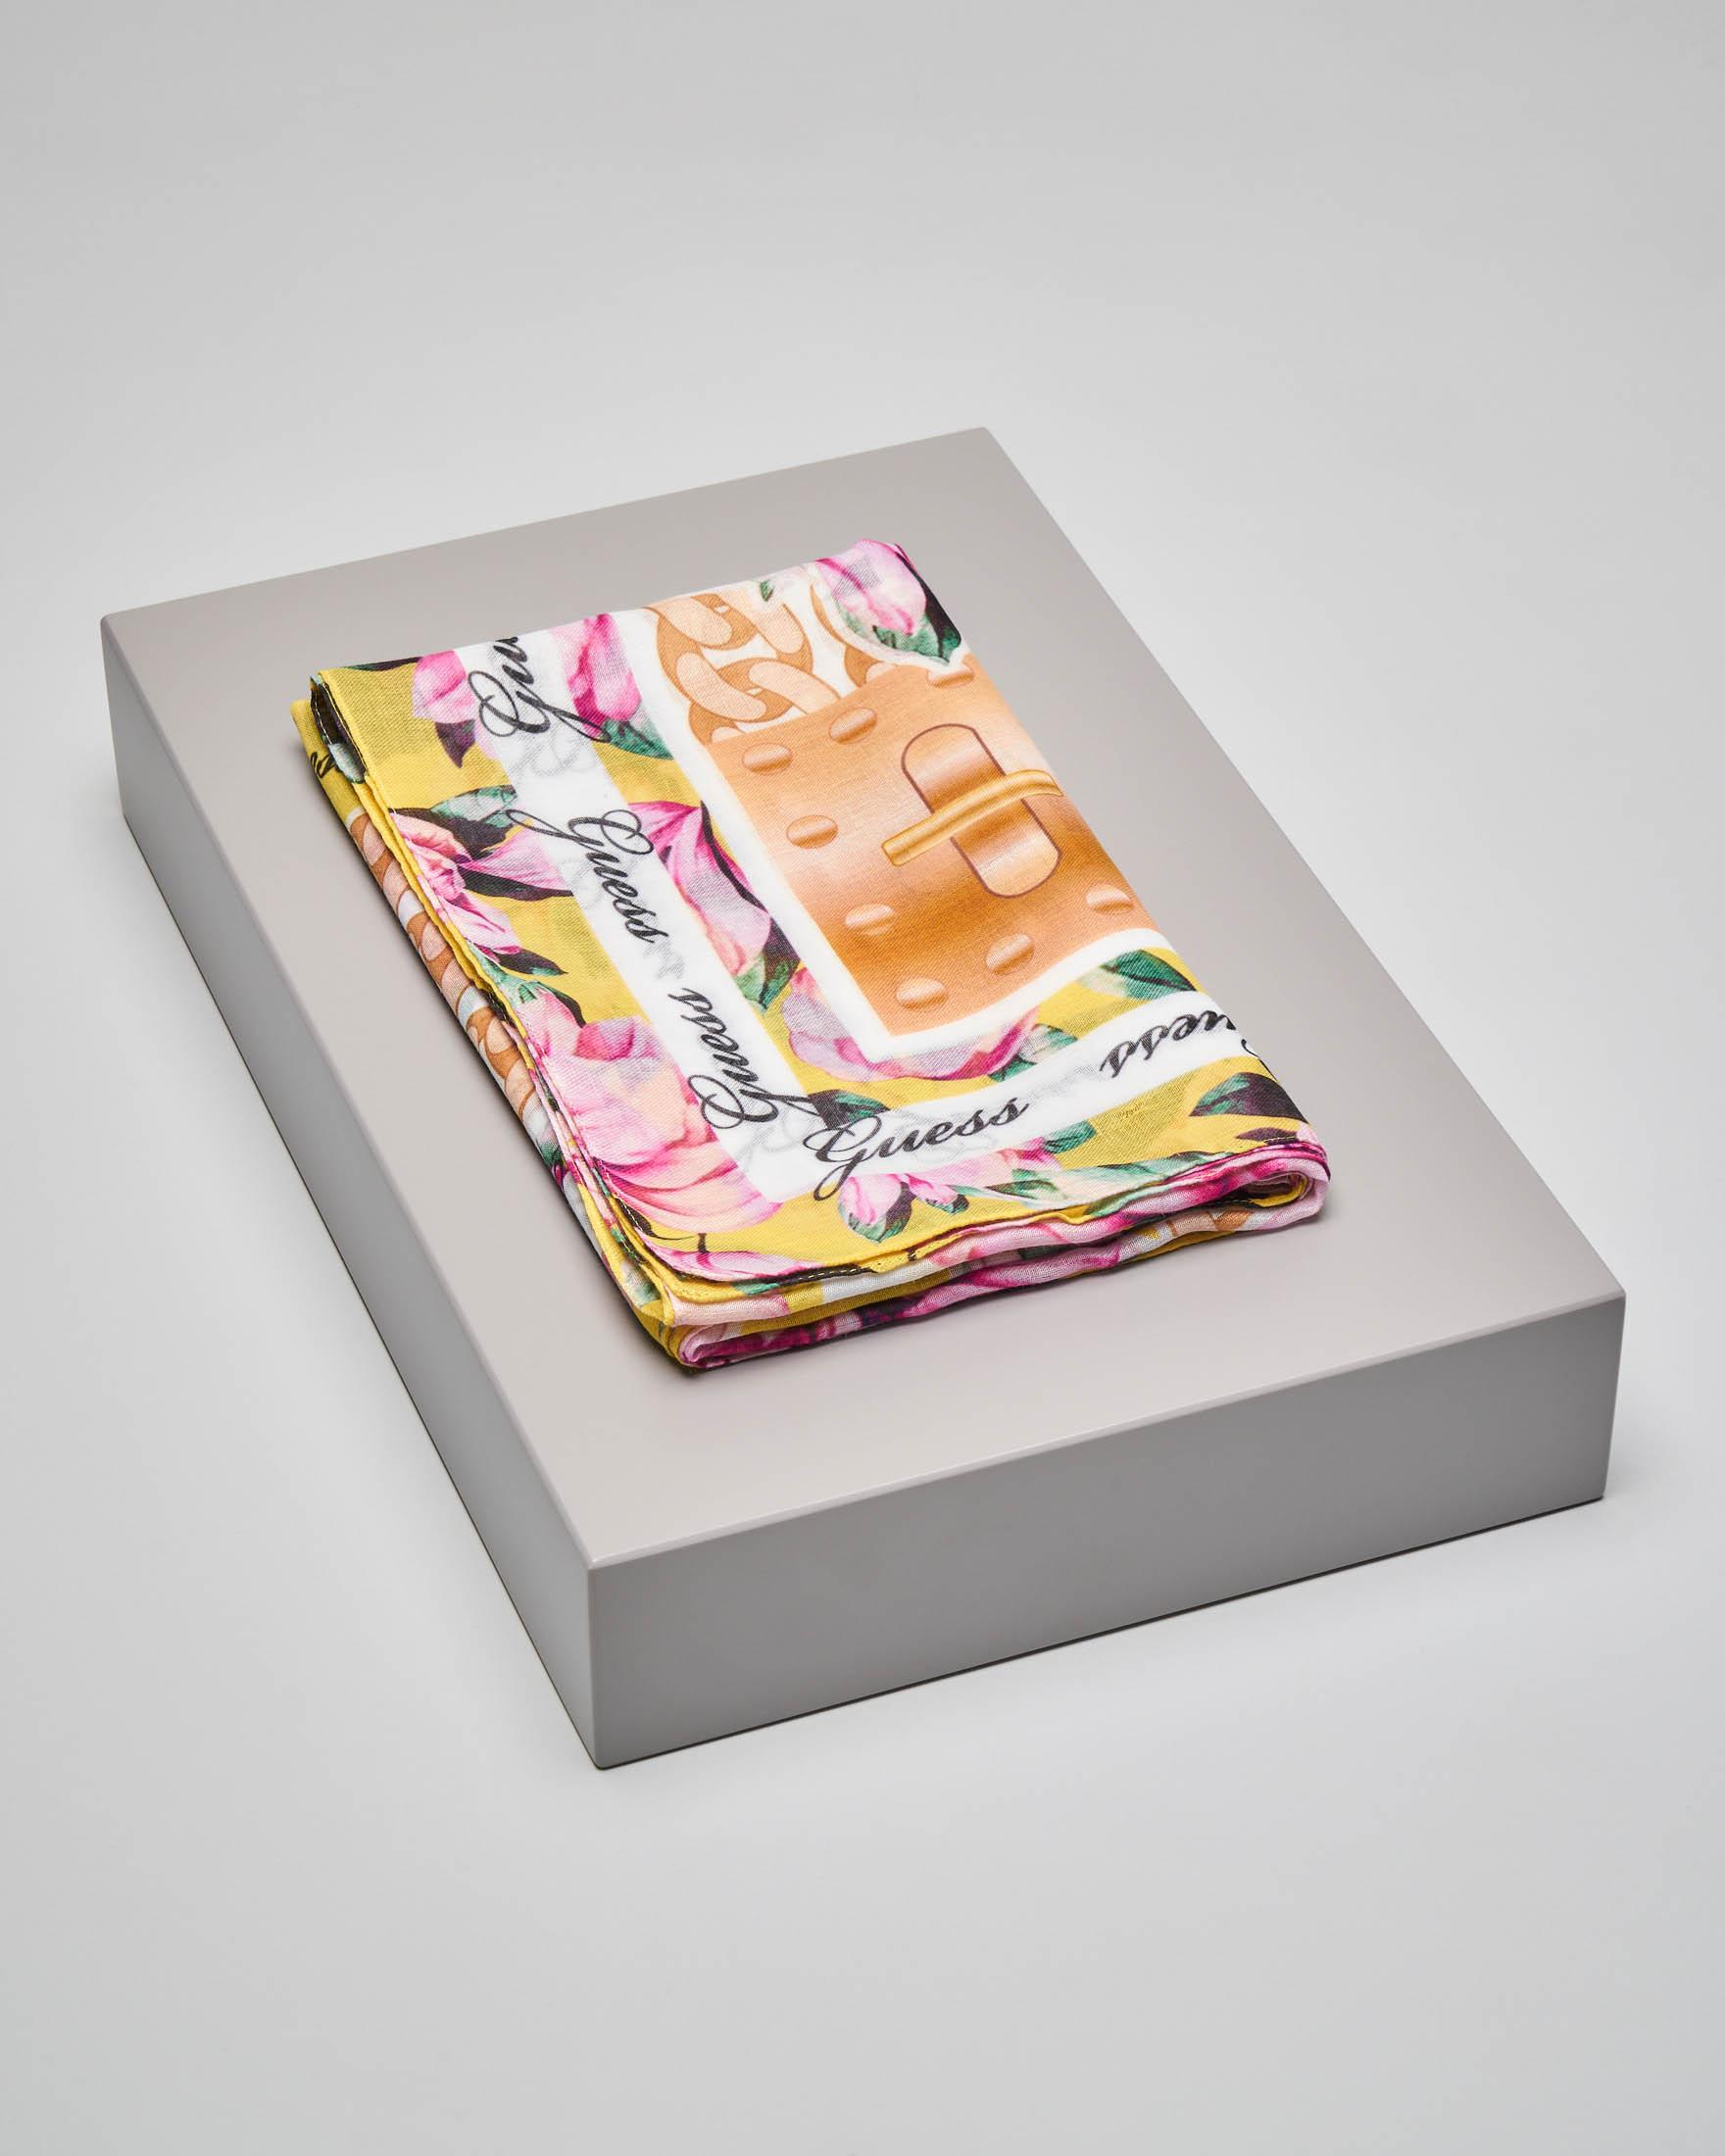 Foulard giallo a stampa fiori rosa con riquadro con logo all over